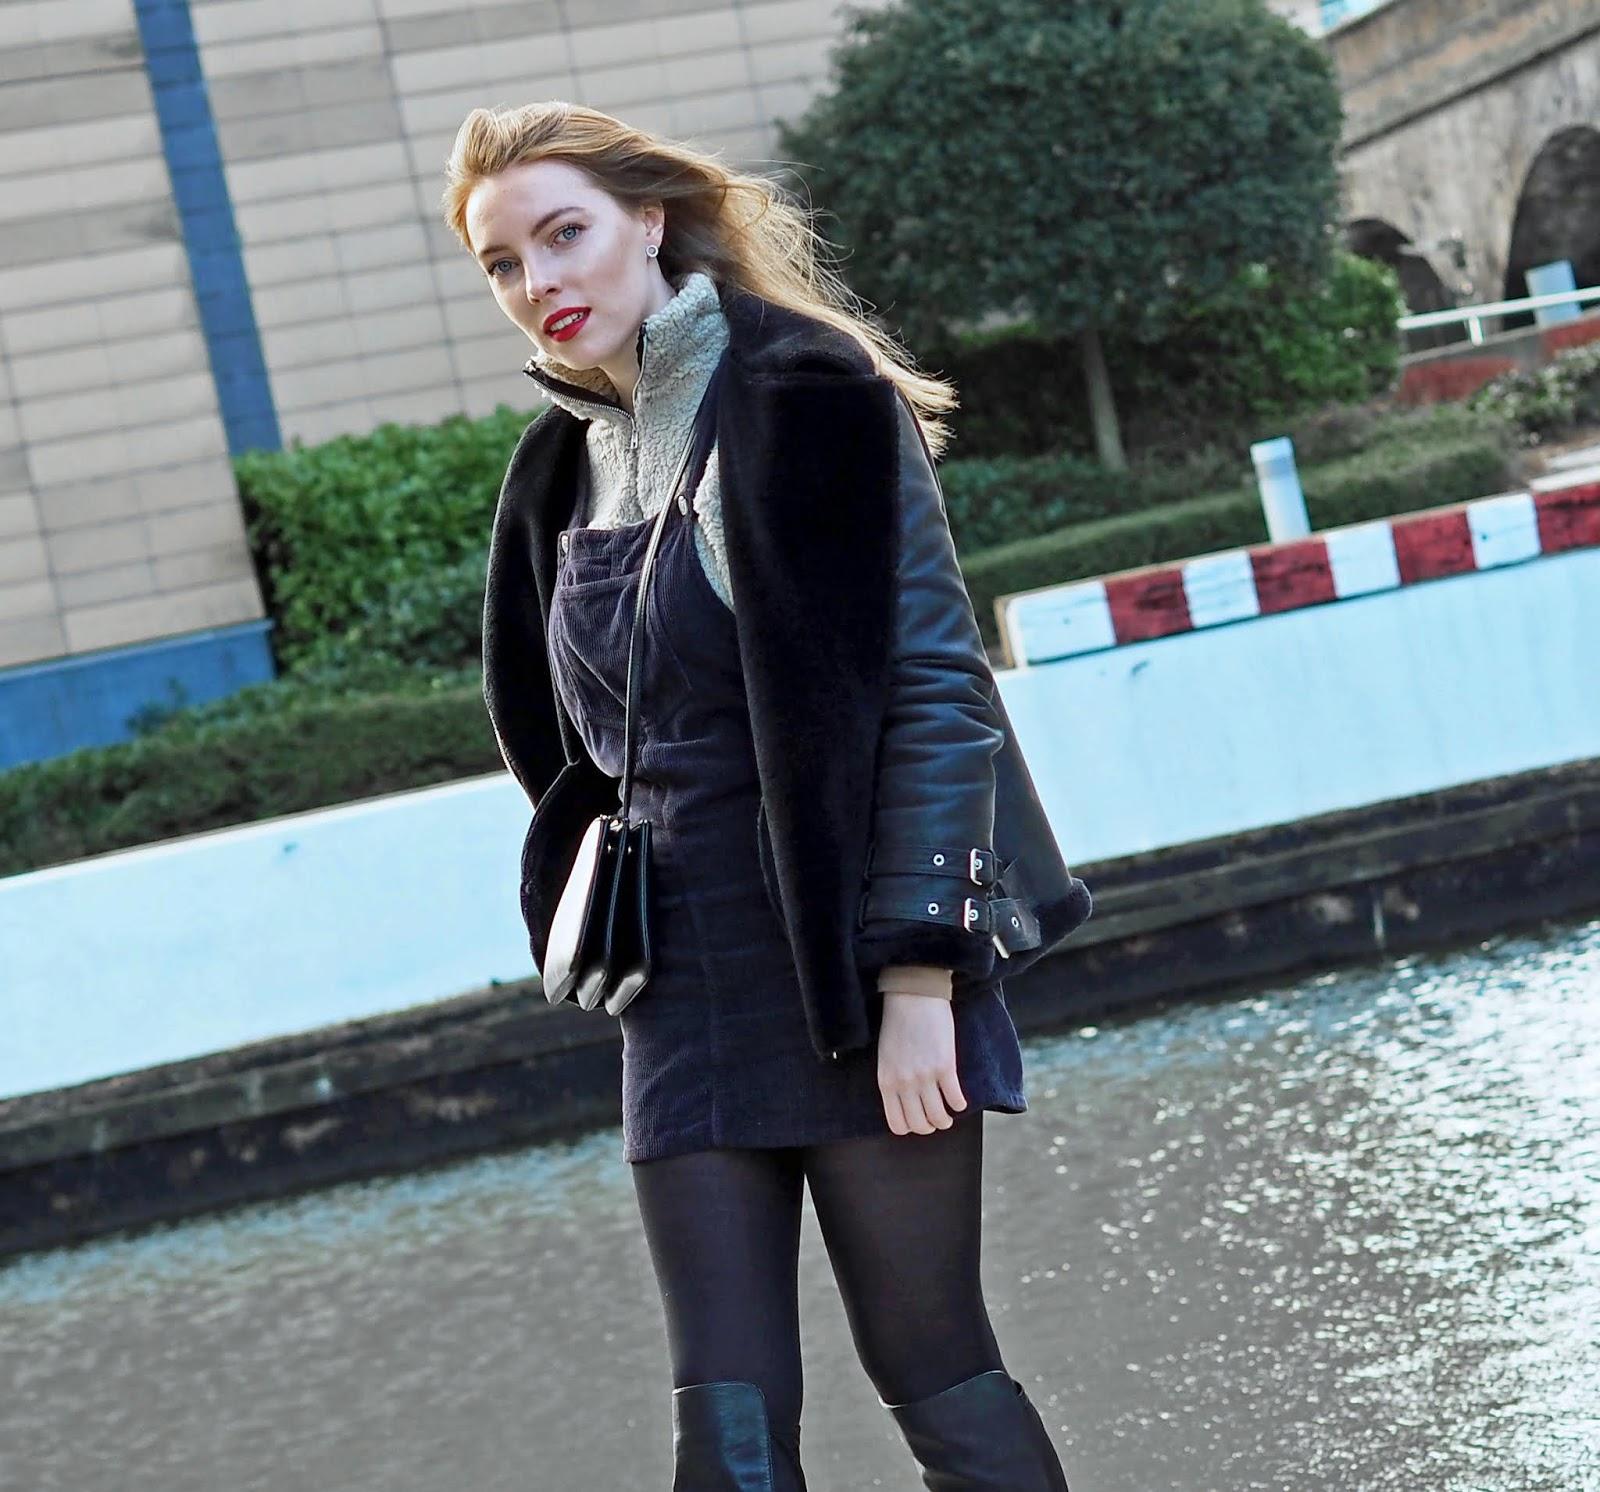 topshop cord dress shearling jacket